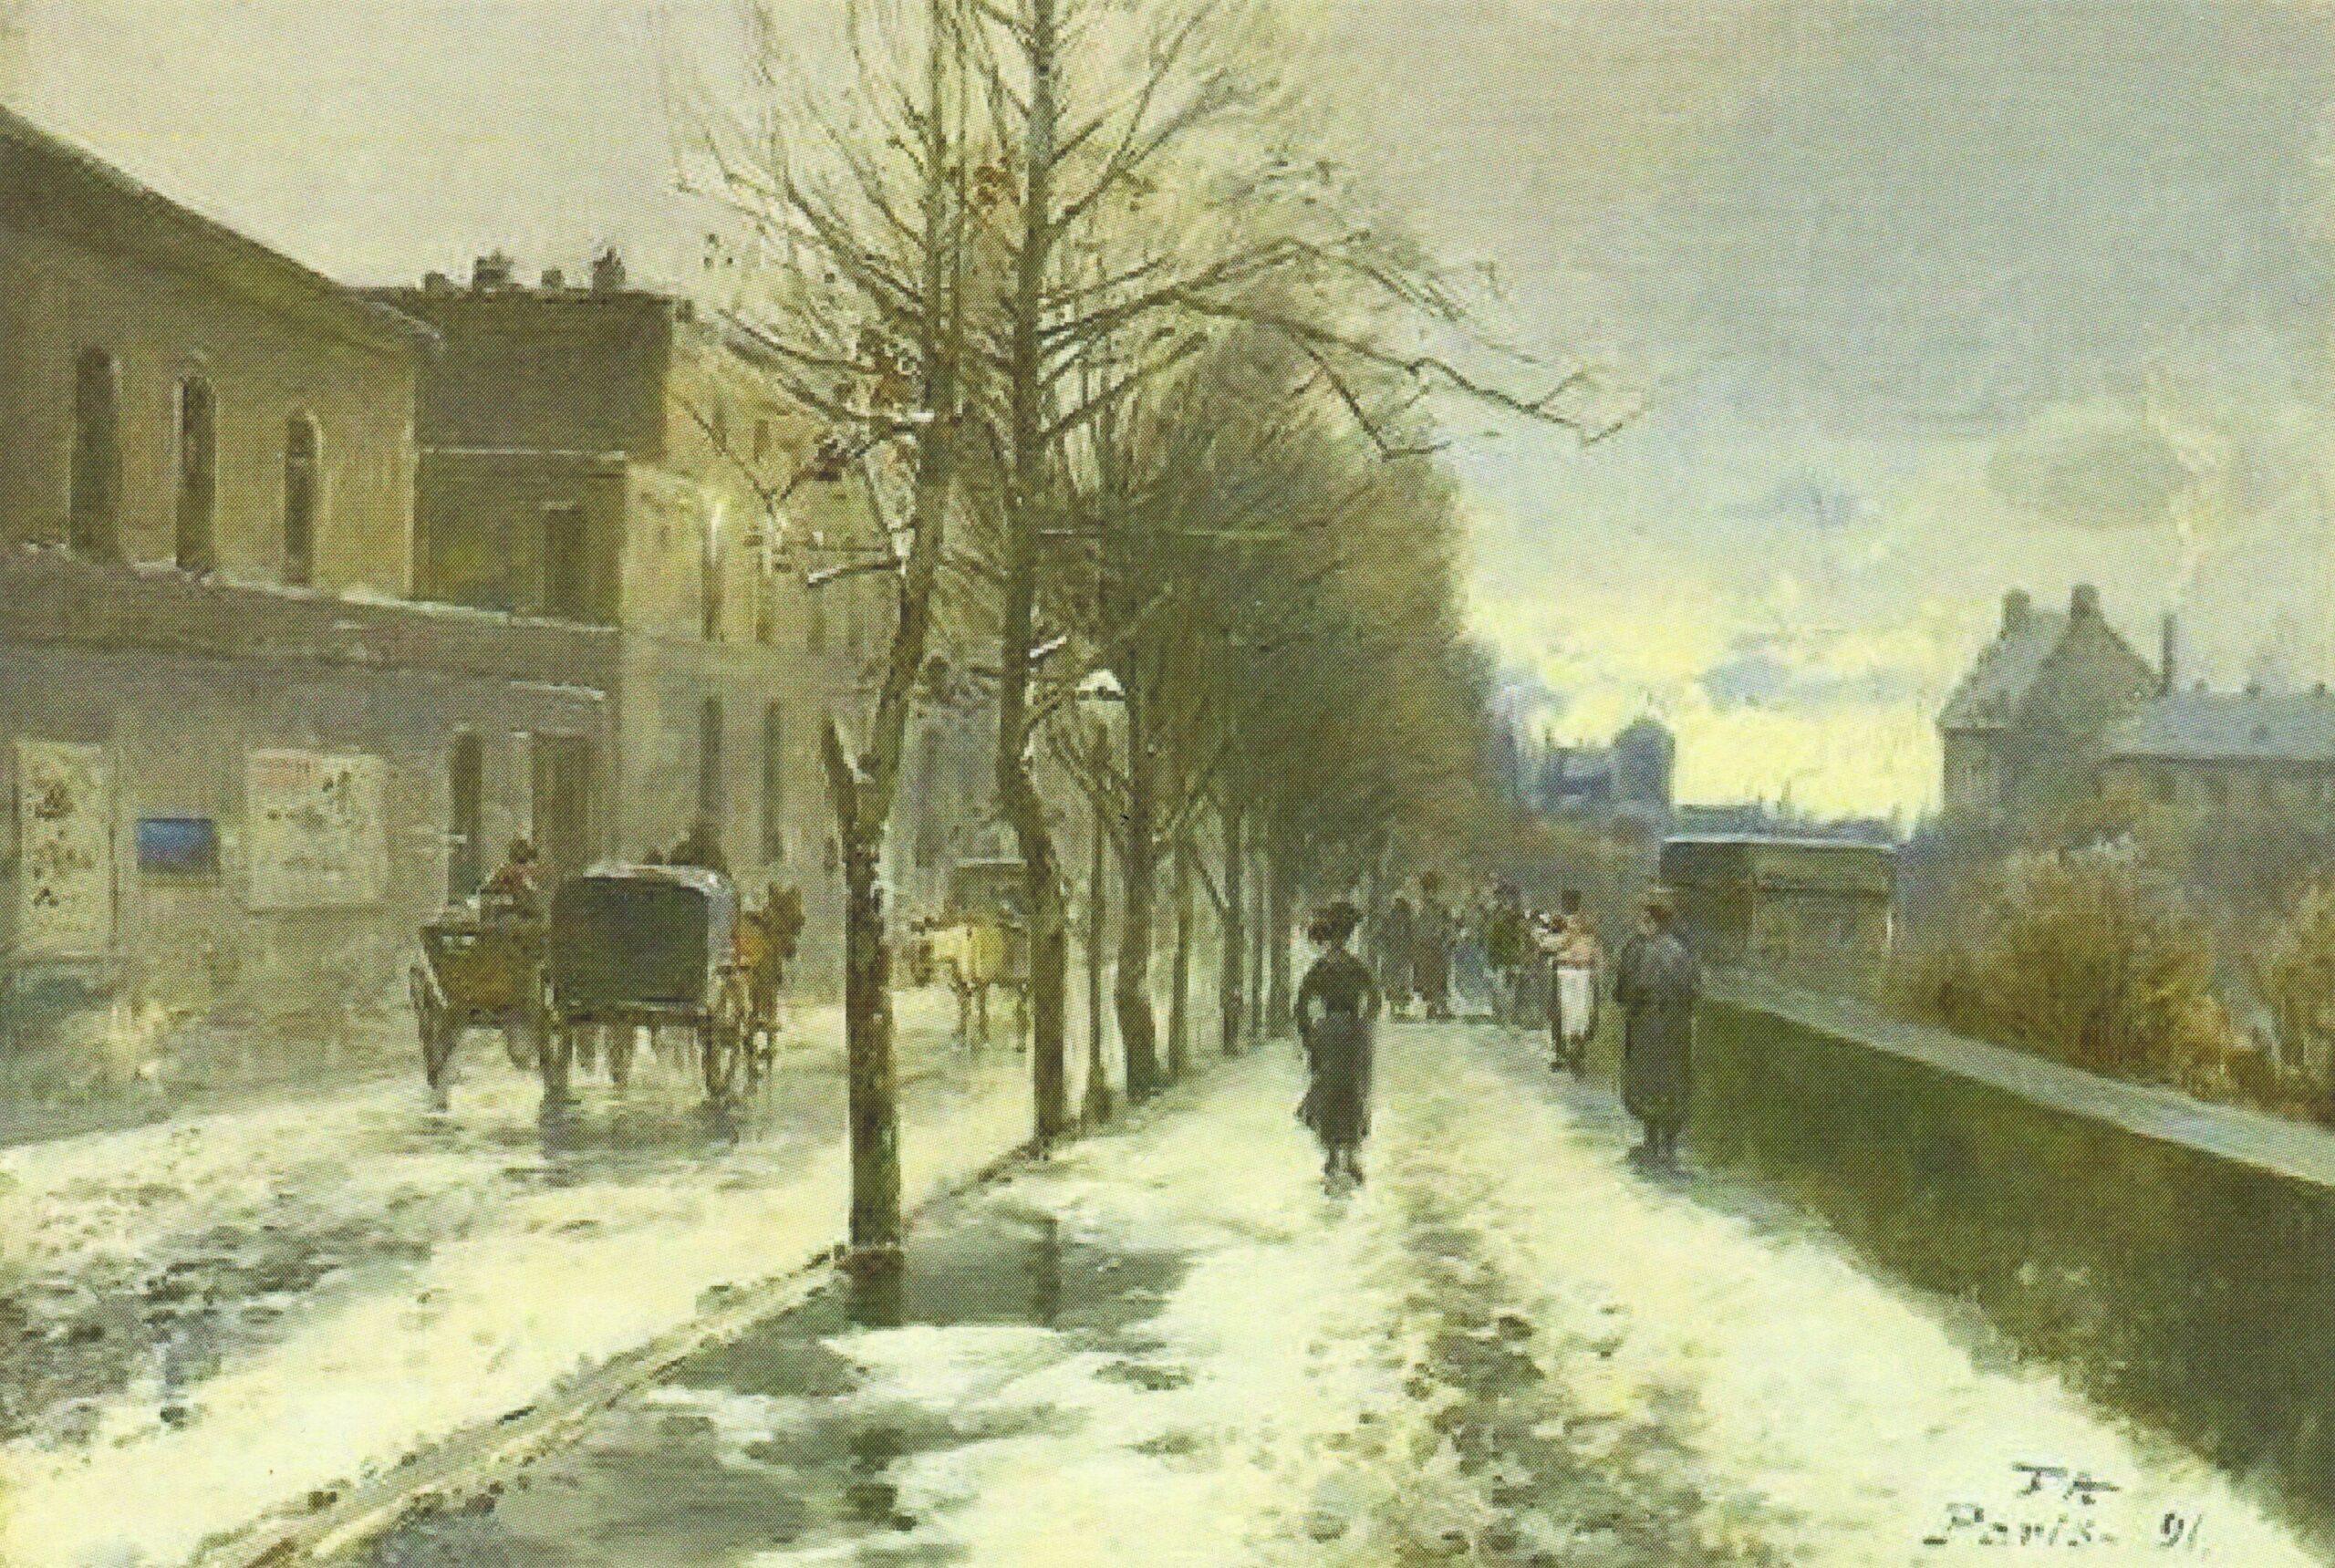 Antoine-Ferdinand Attendu, 1891, Streetview, Winter (Winterliche Straßenansicht), 24x35, Axx (iR13)